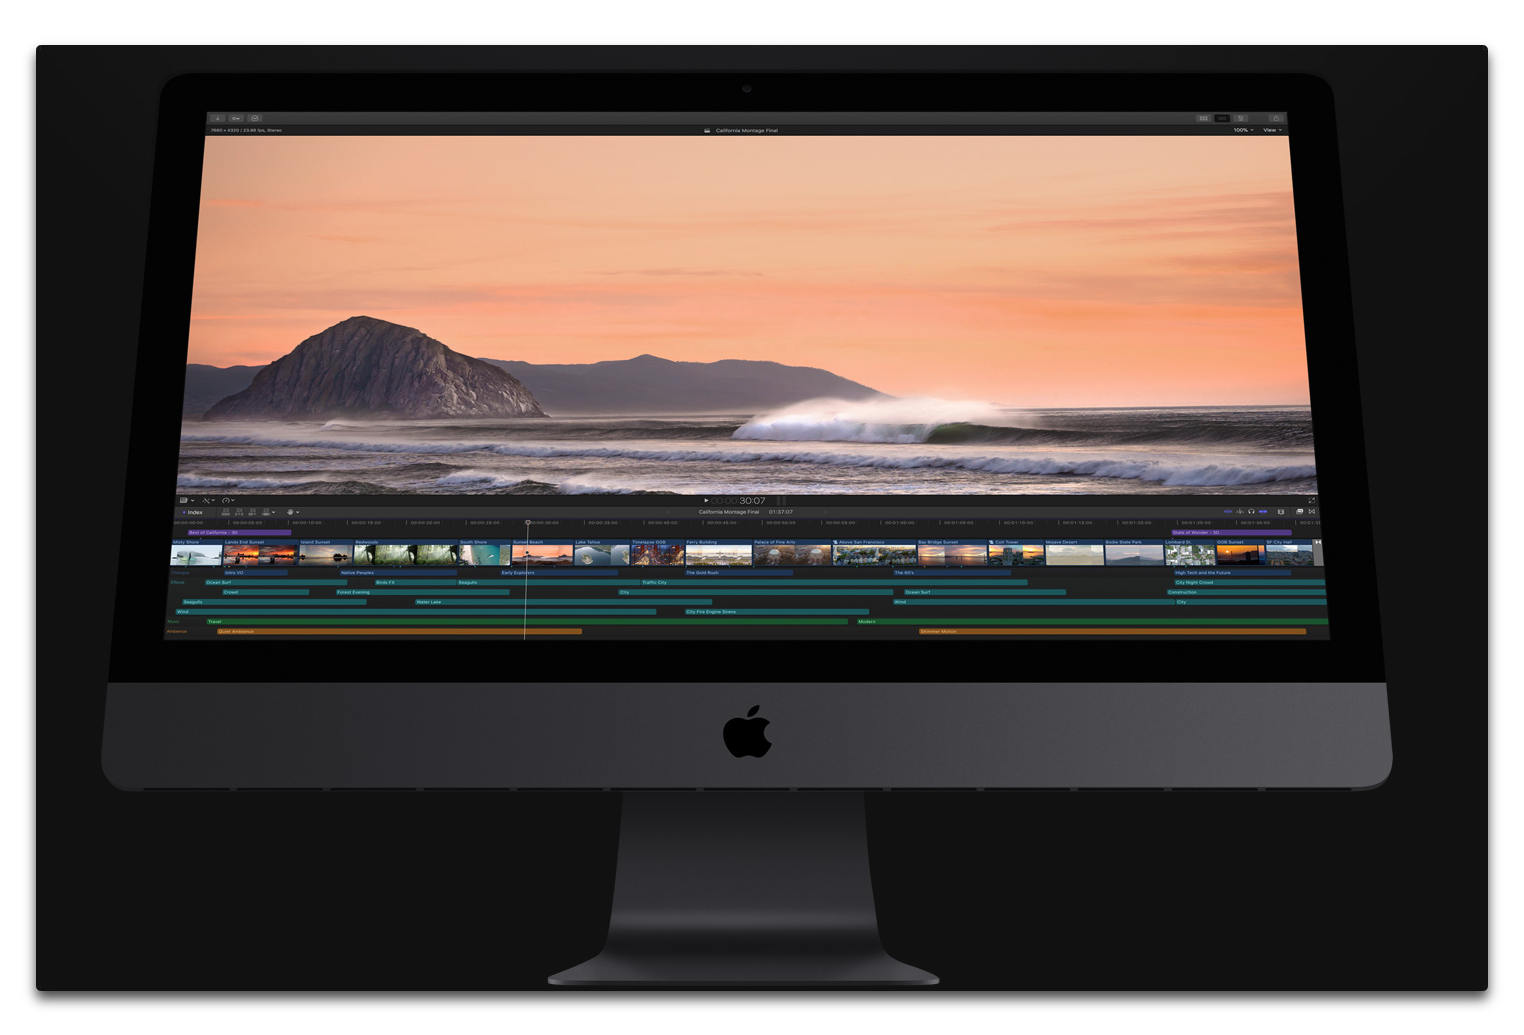 Apple、360°ビデオをサポートした「Final Cut Pro X 10.4」をリリース